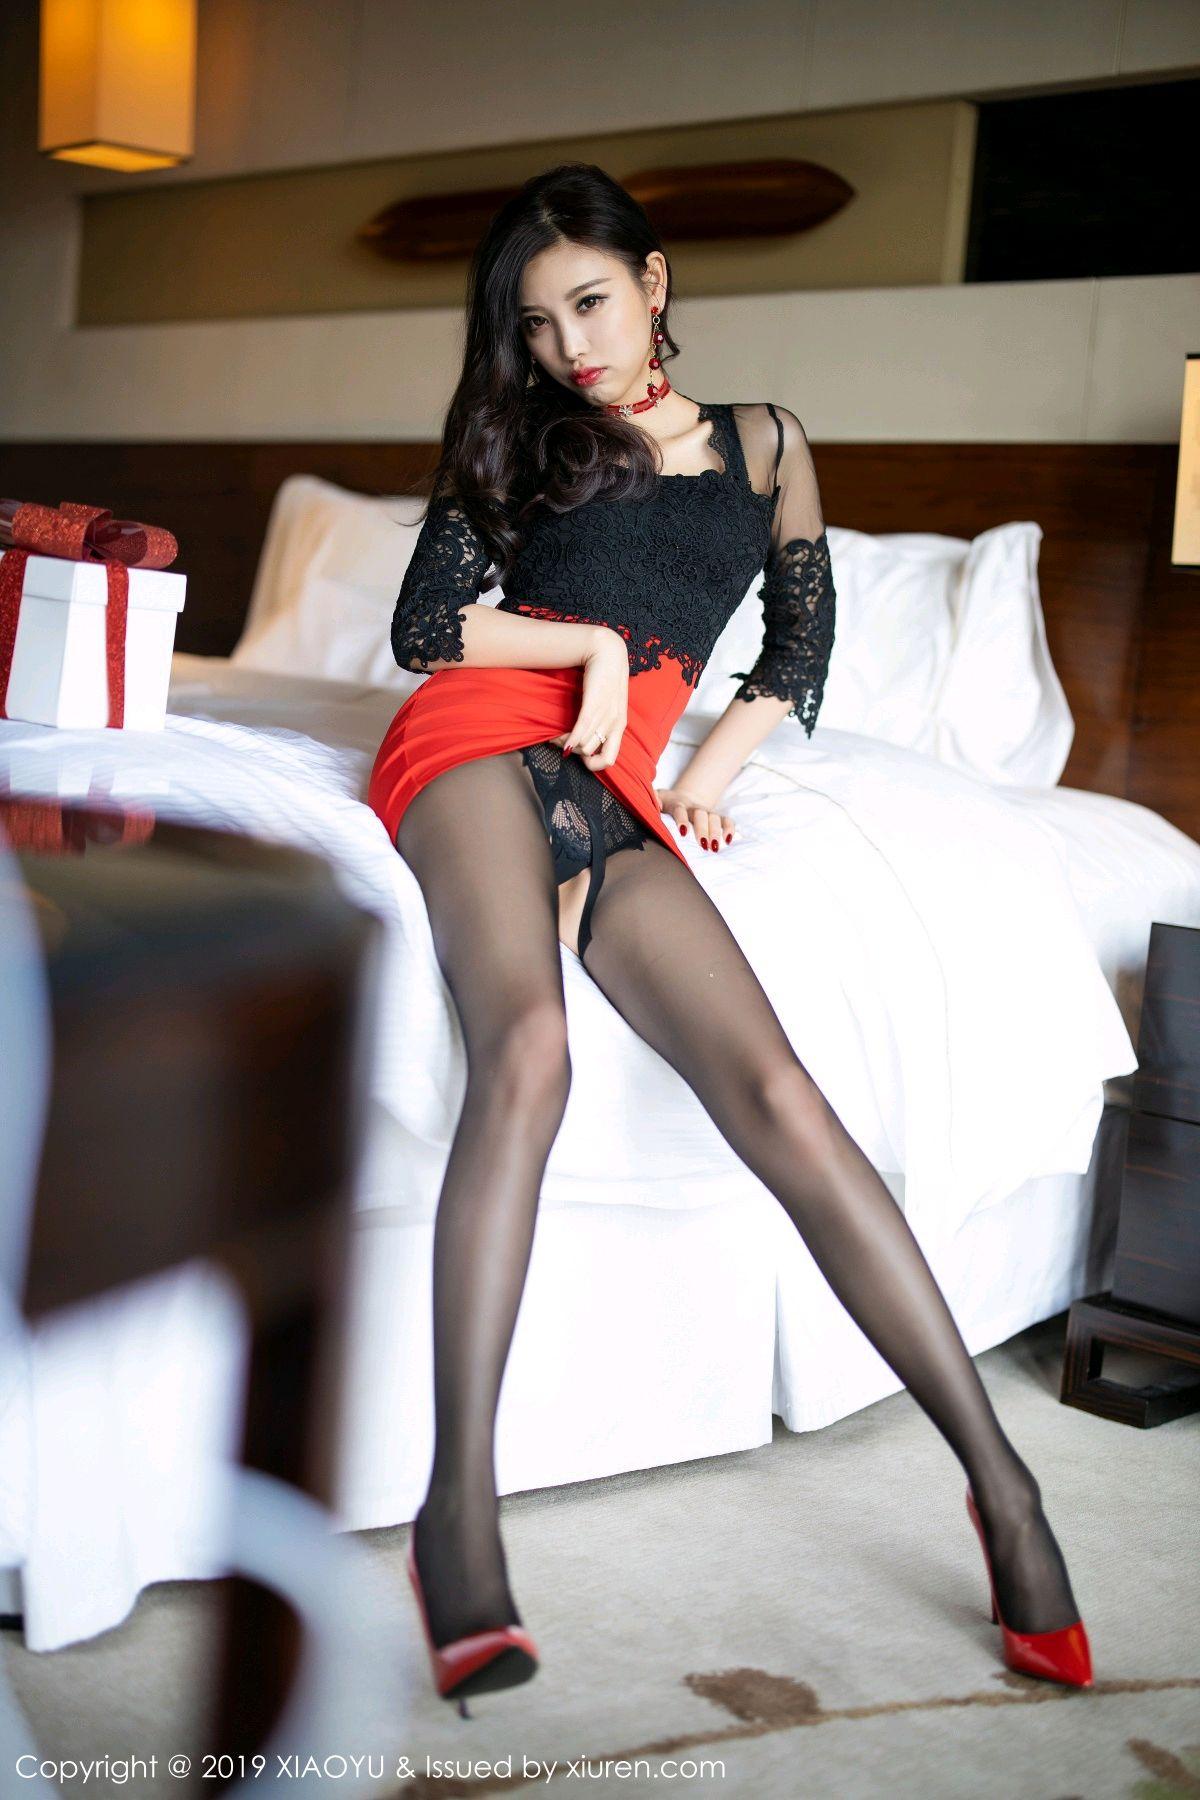 [XiaoYu] Vol.225 Yang Chen Chen 40P, Christmas, Underwear, XiaoYu, Yang Chen Chen